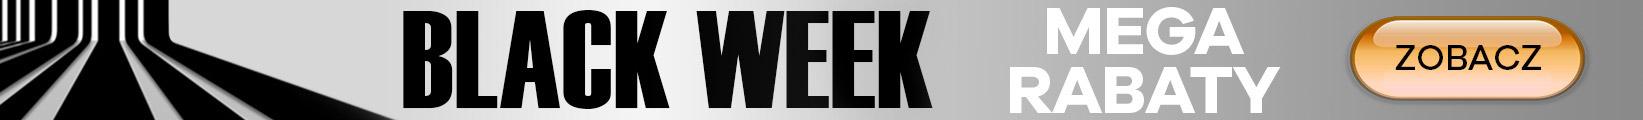 Black week gadzety erotyczne